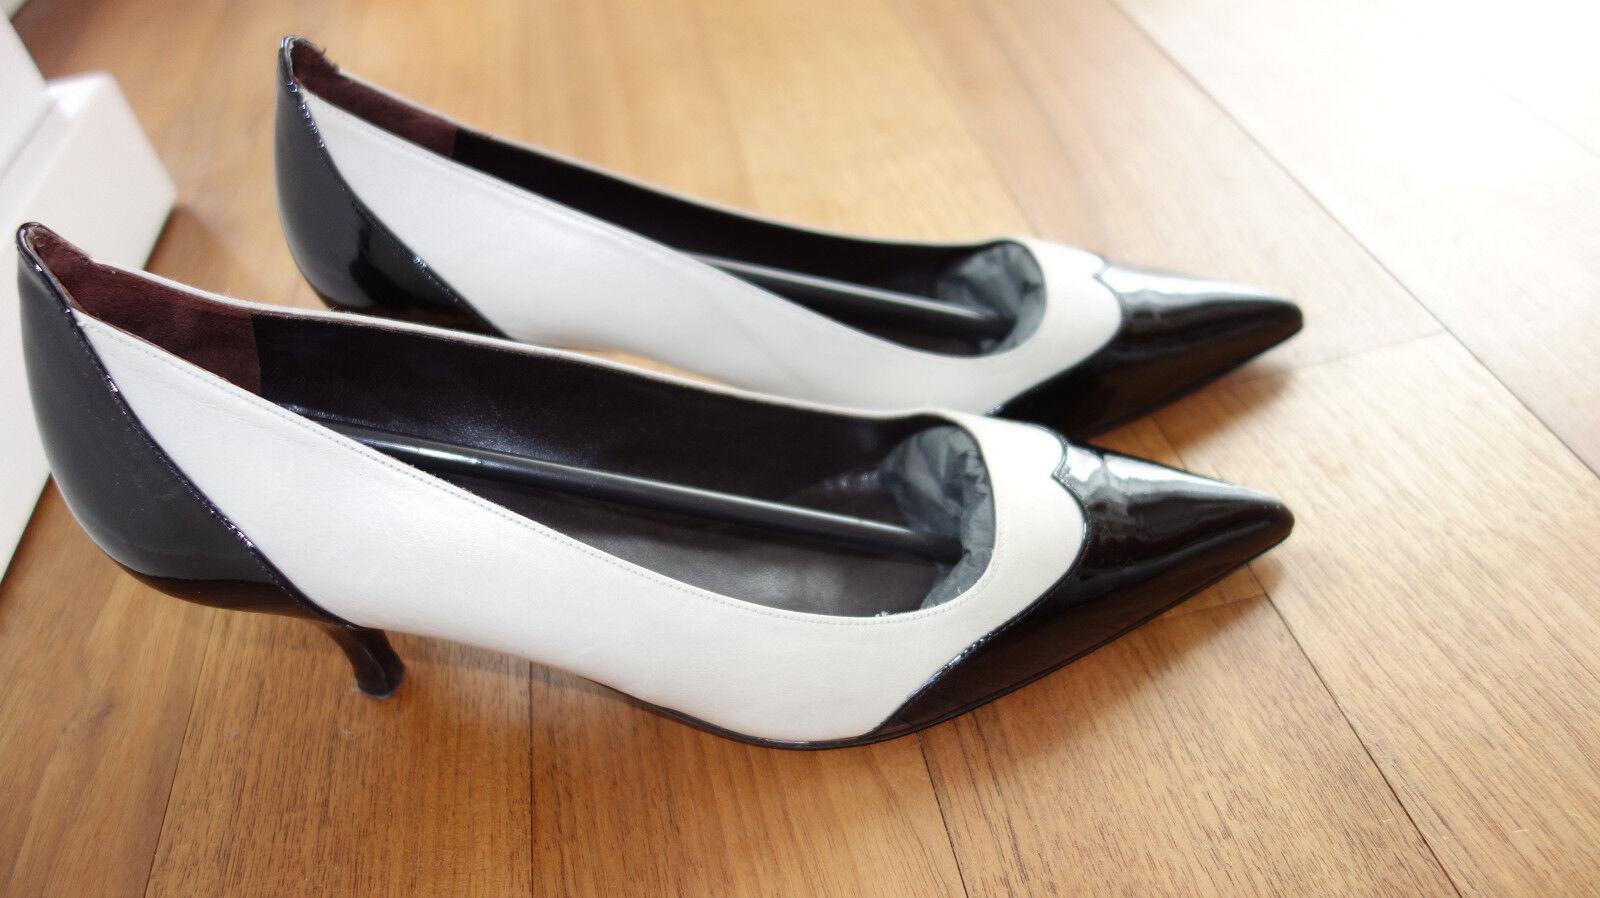 Bimba & Lola Pumps, High Heels, Heels, High Lack Lederschuhe, festlich, Hochzeit, Gr. 40 fb89d1